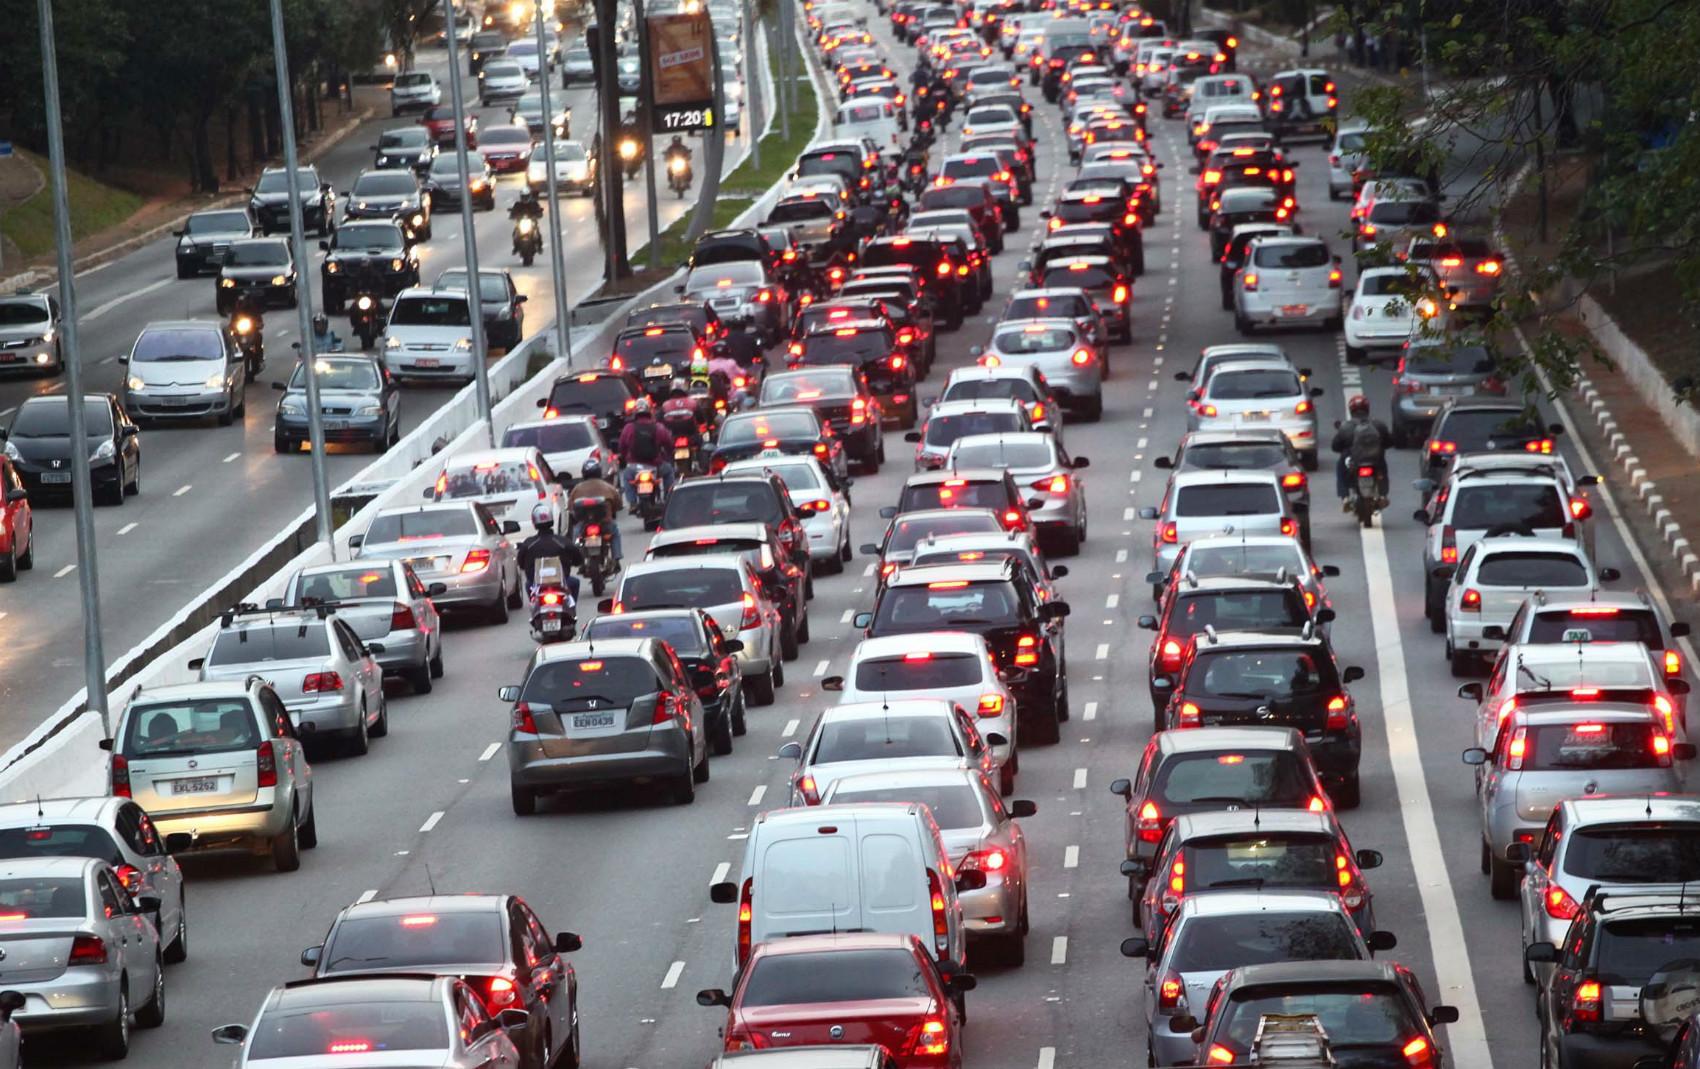 Files d'attente de trafic